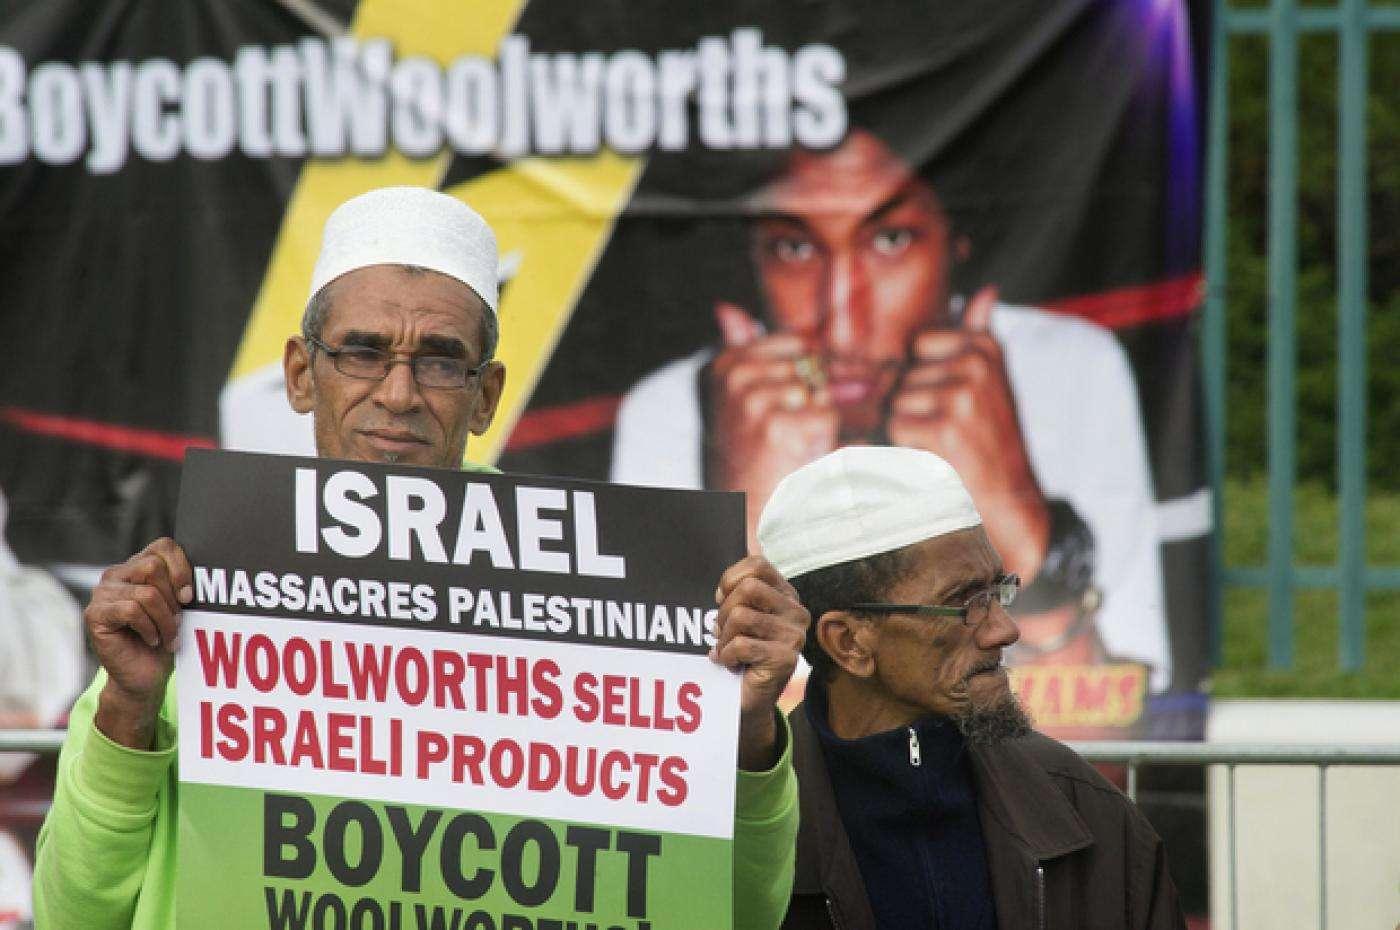 Israël établit une commission pour identifier et expulser les militants du boycott